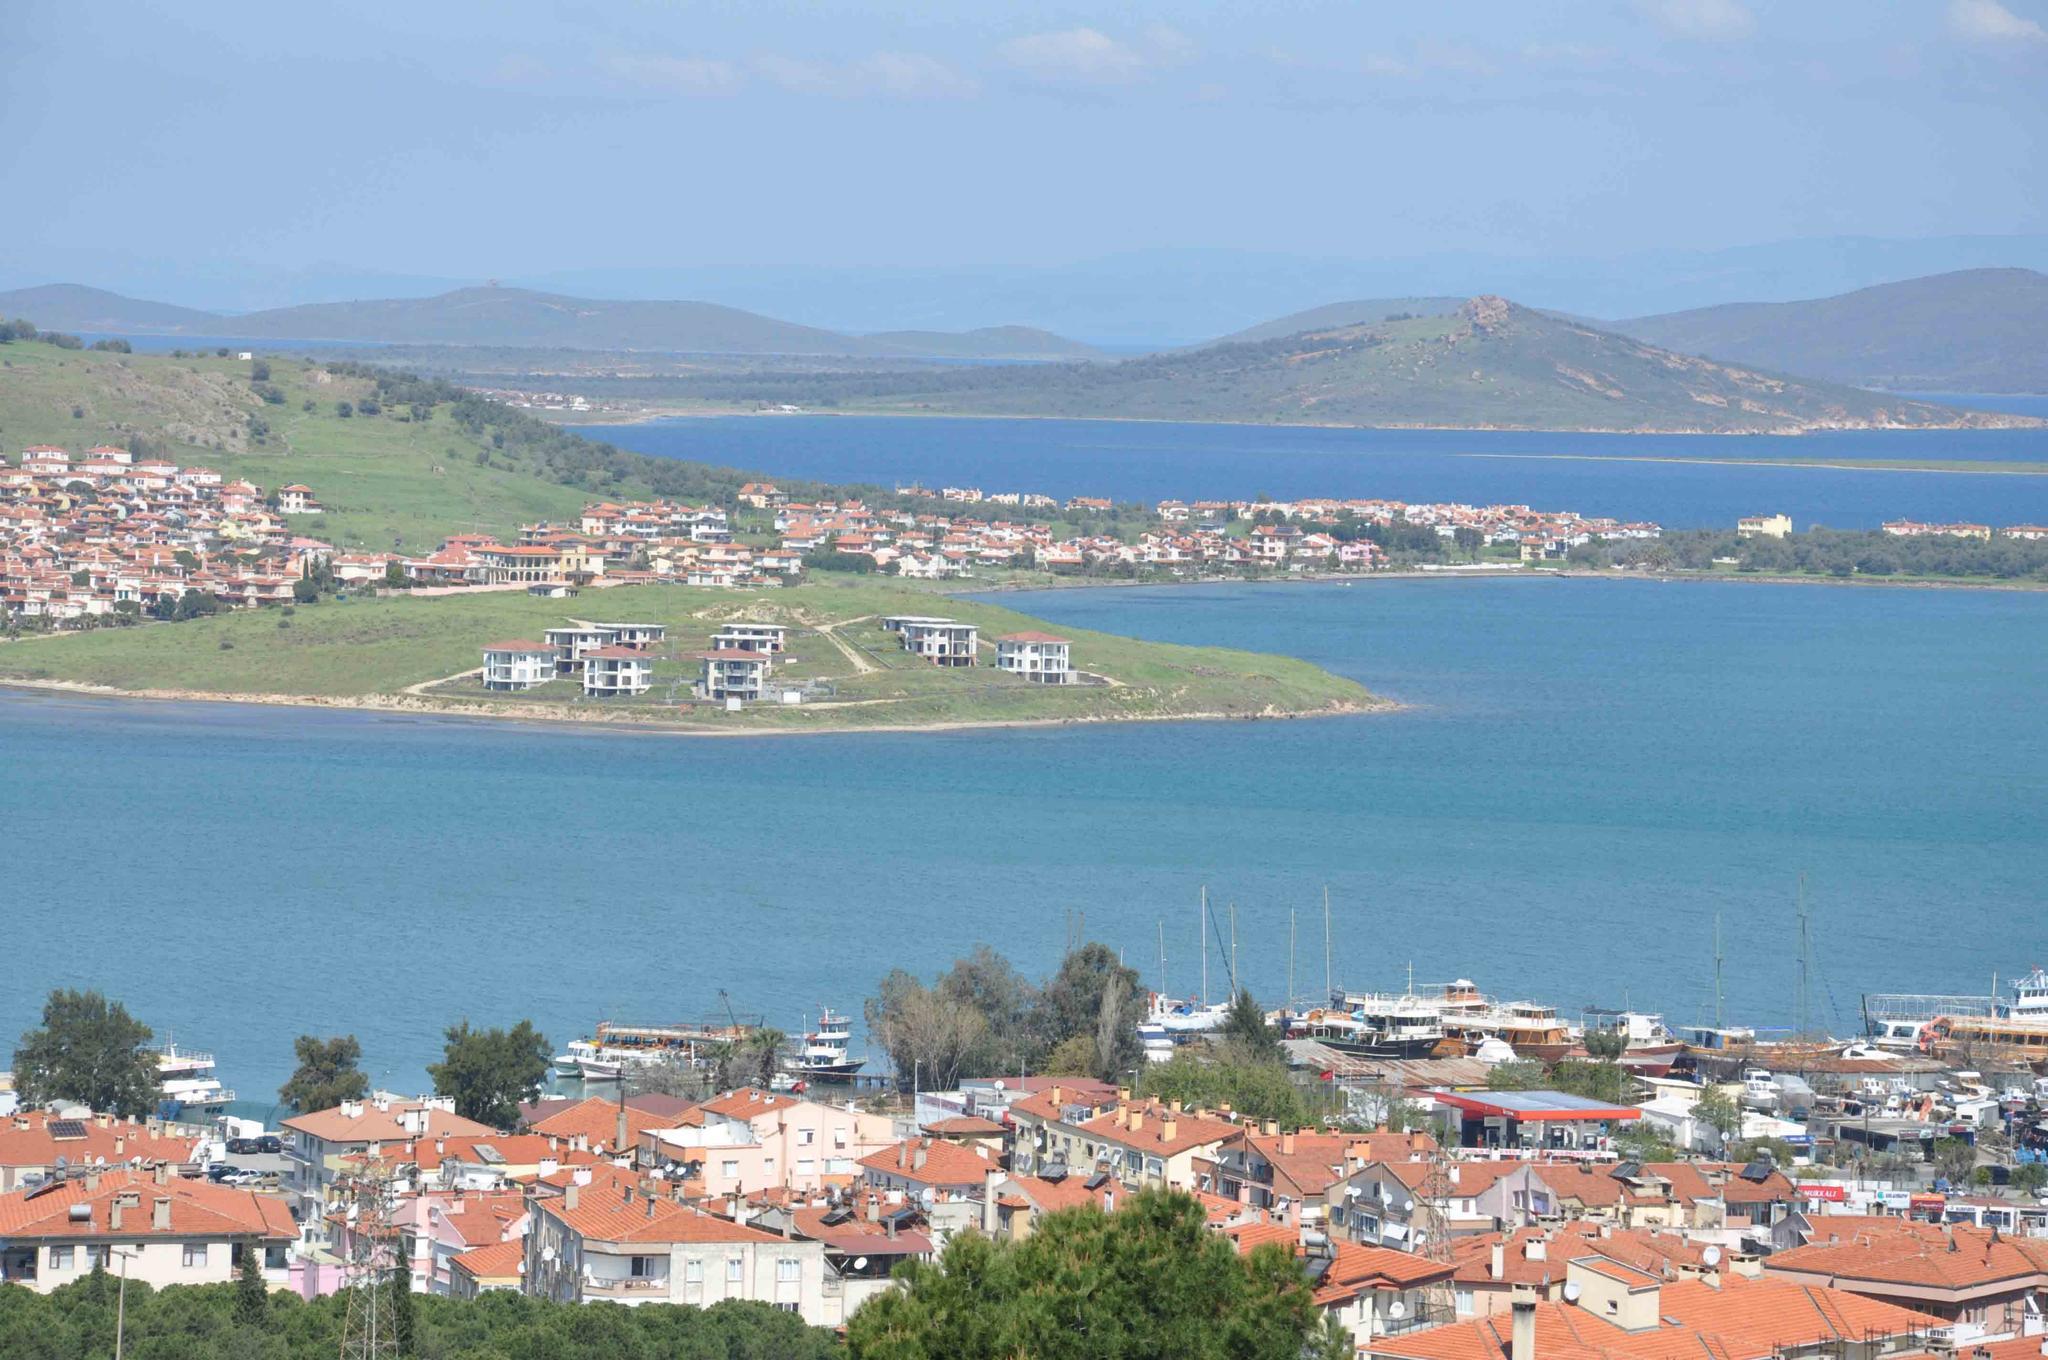 土耳其爱琴海:41名偷渡客被救